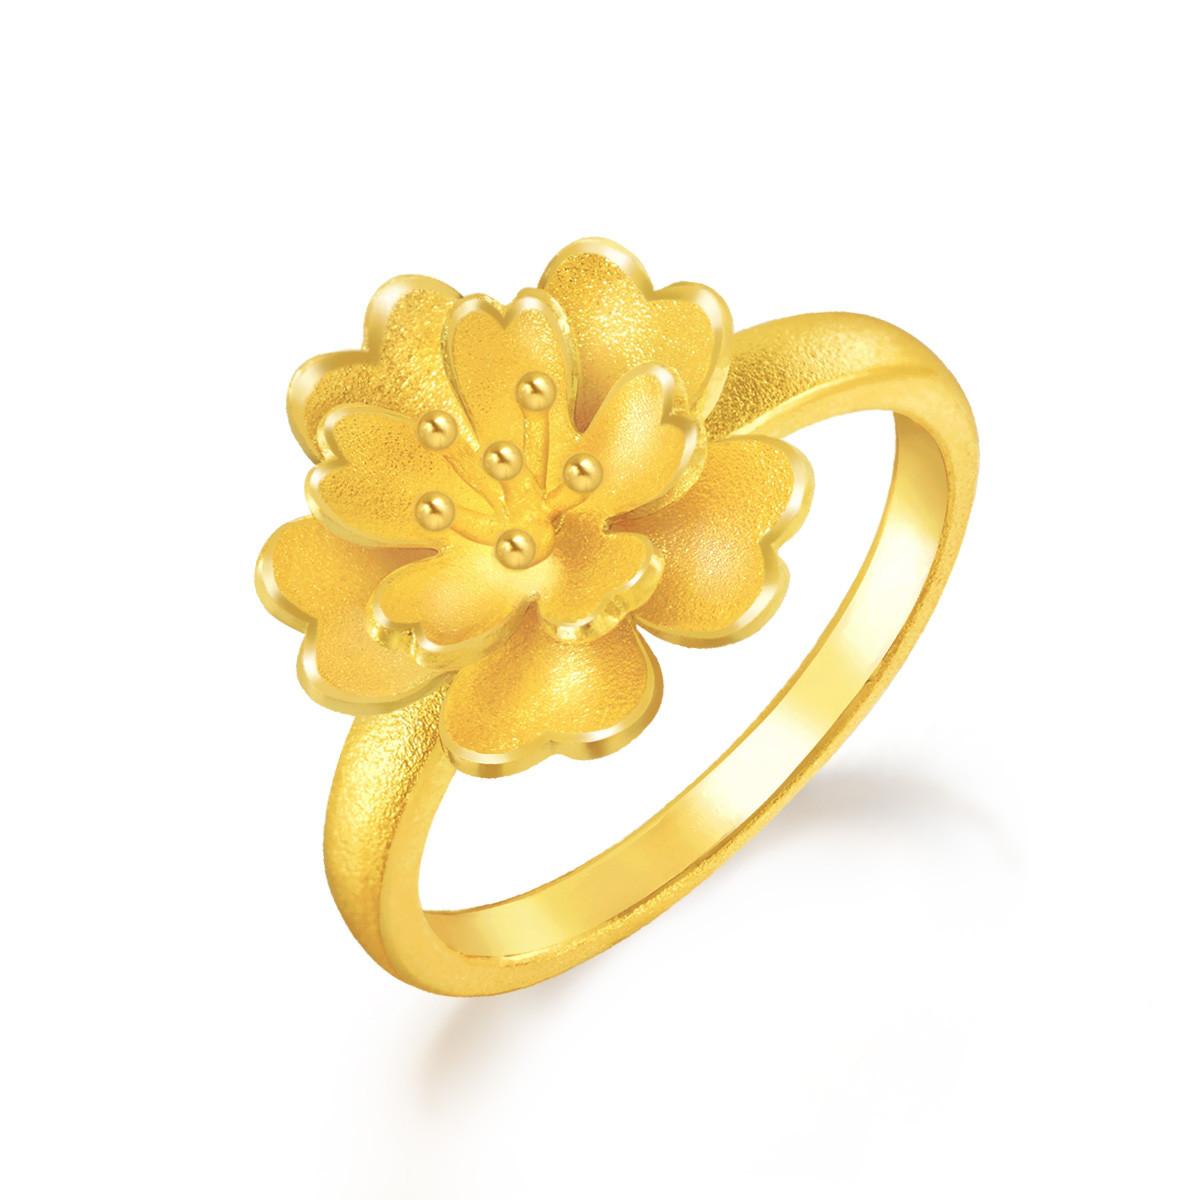 周生生周生生黄金花卉戒指B83686r如图